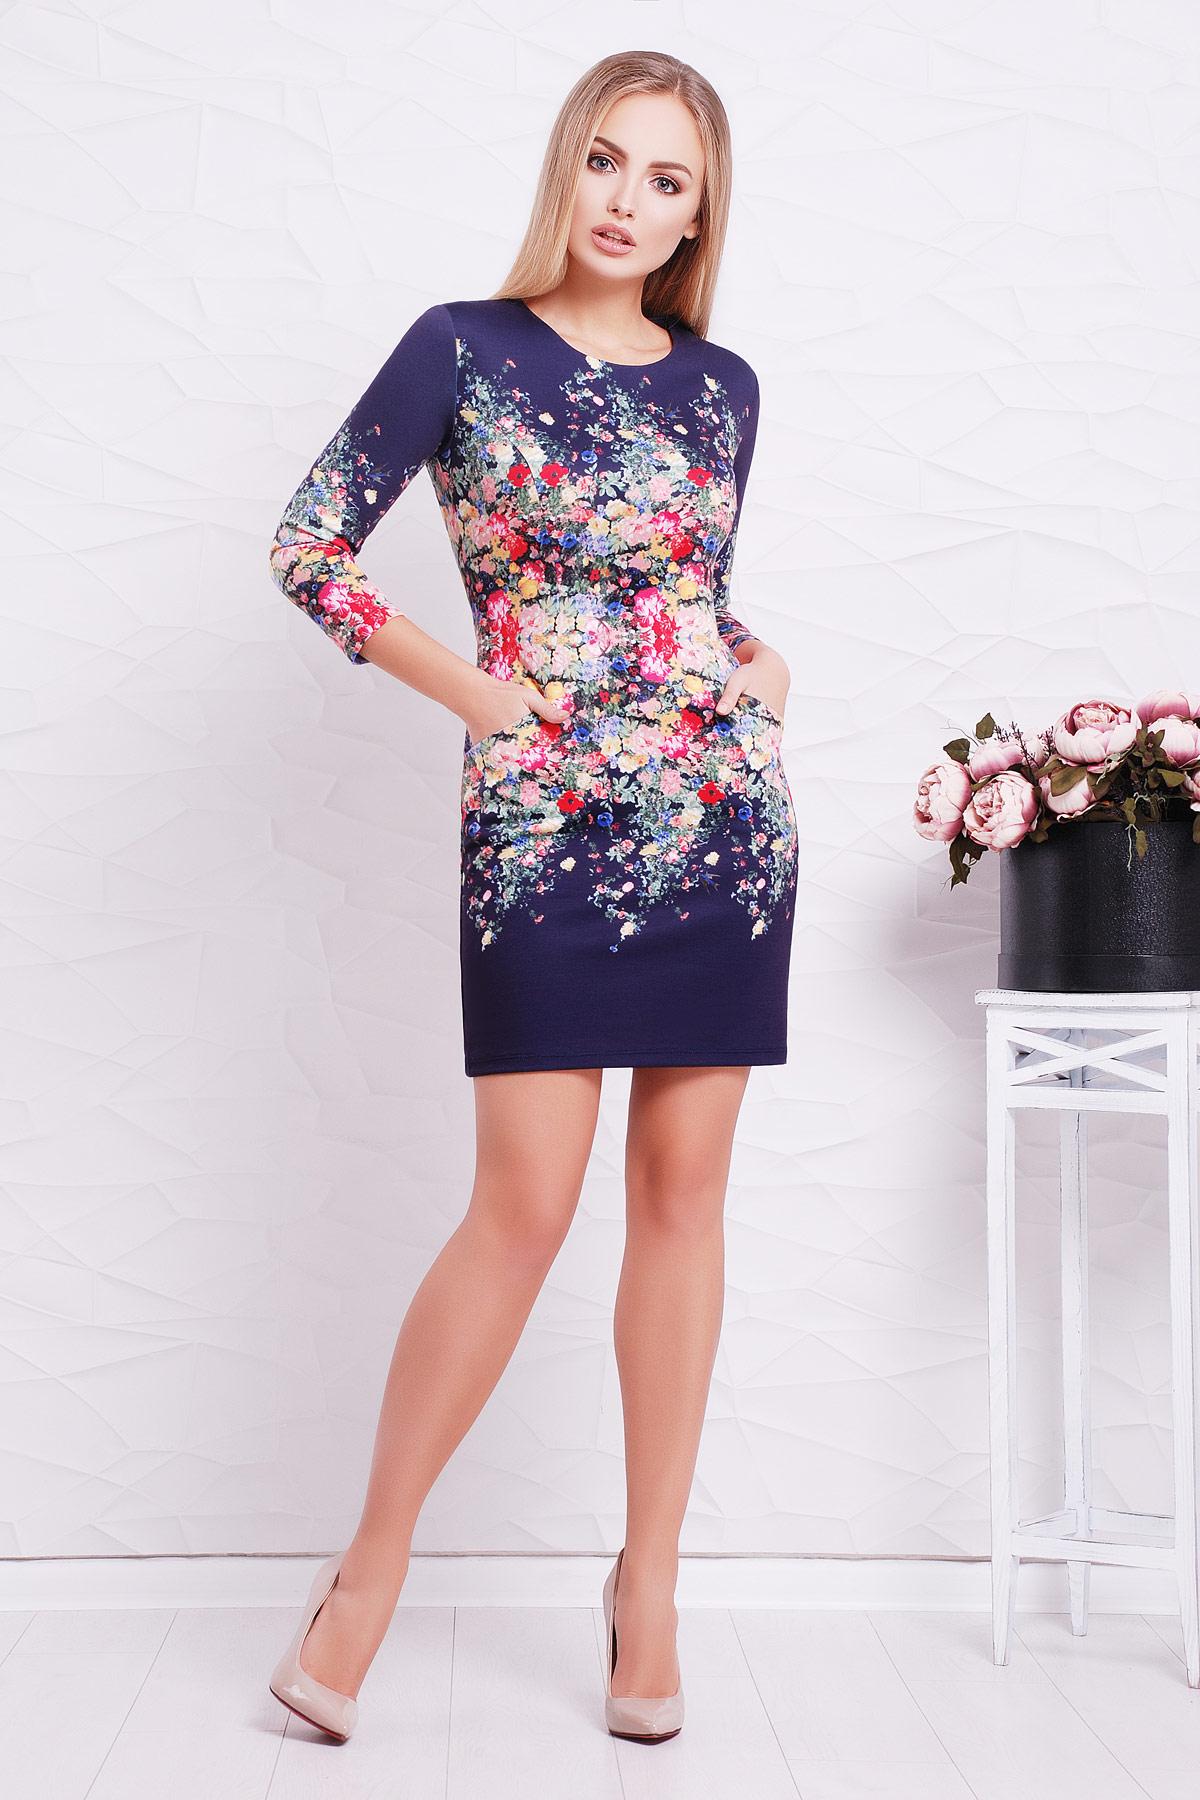 f407be72cd4 Купить Цветы платье в Украине. Сравнить цены на Цветы платье